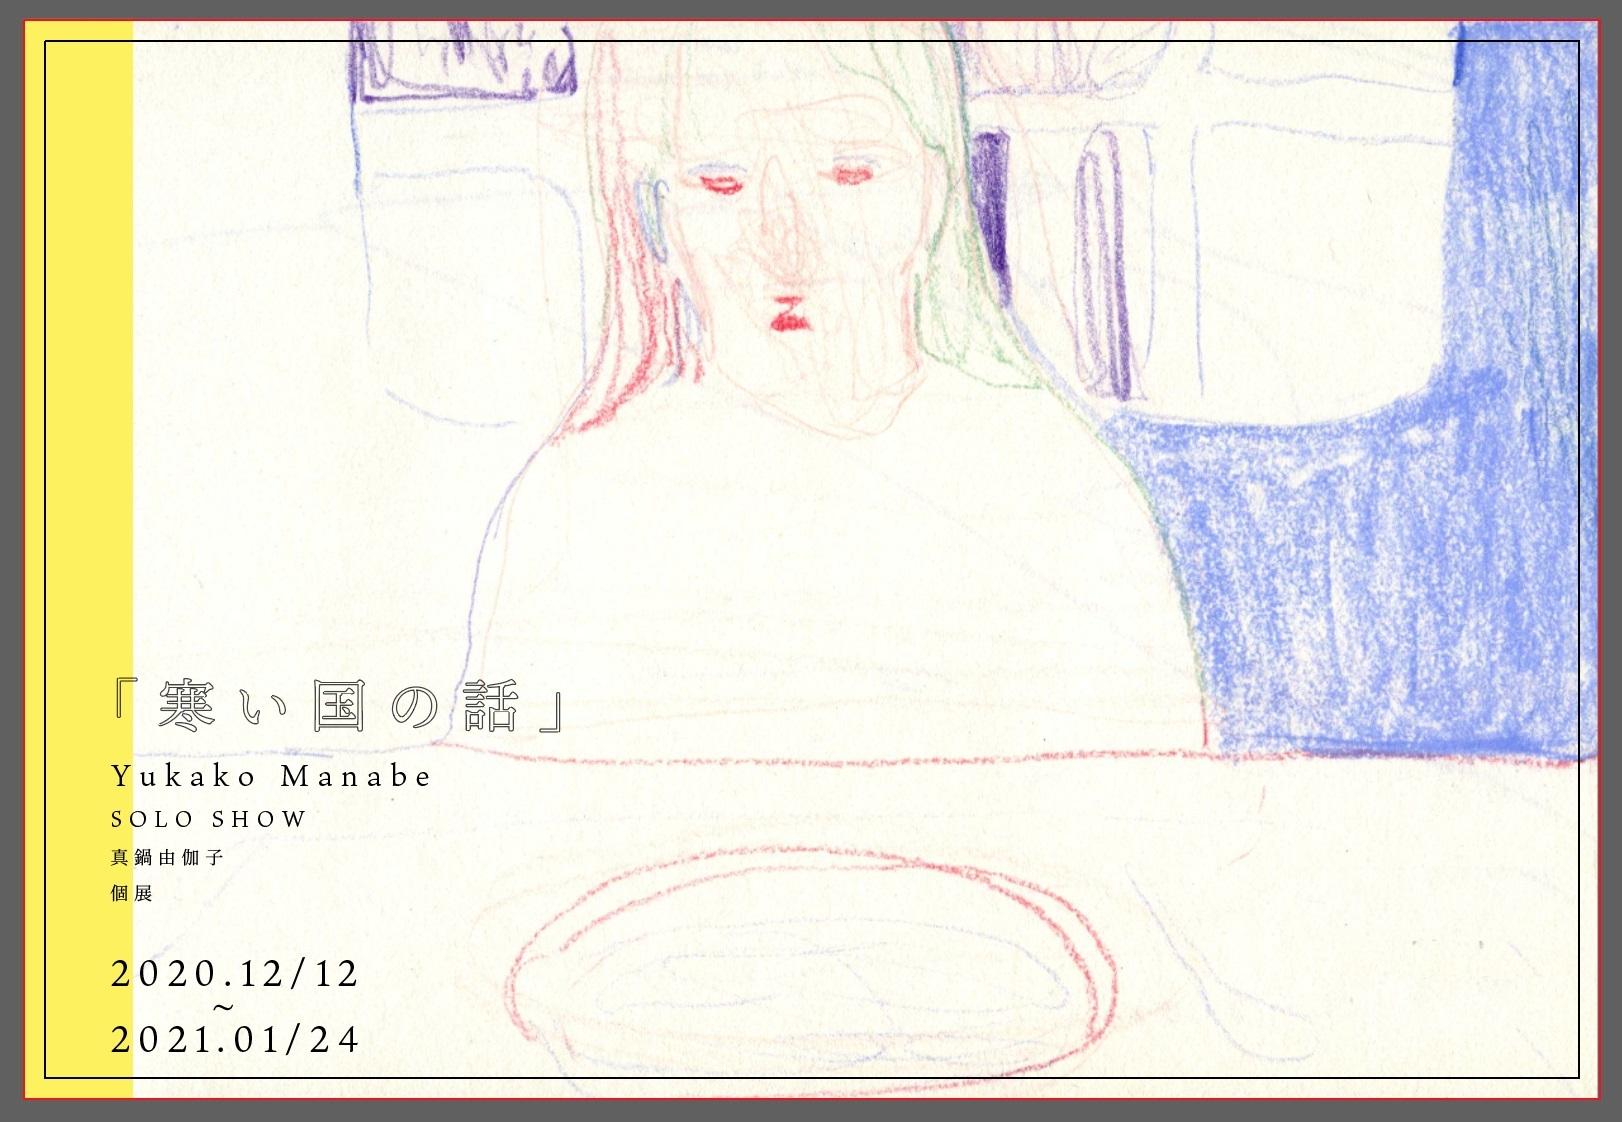 「寒い国の話」 Yukako Manabe  SOLO SHOW_a0260022_19013282.jpg